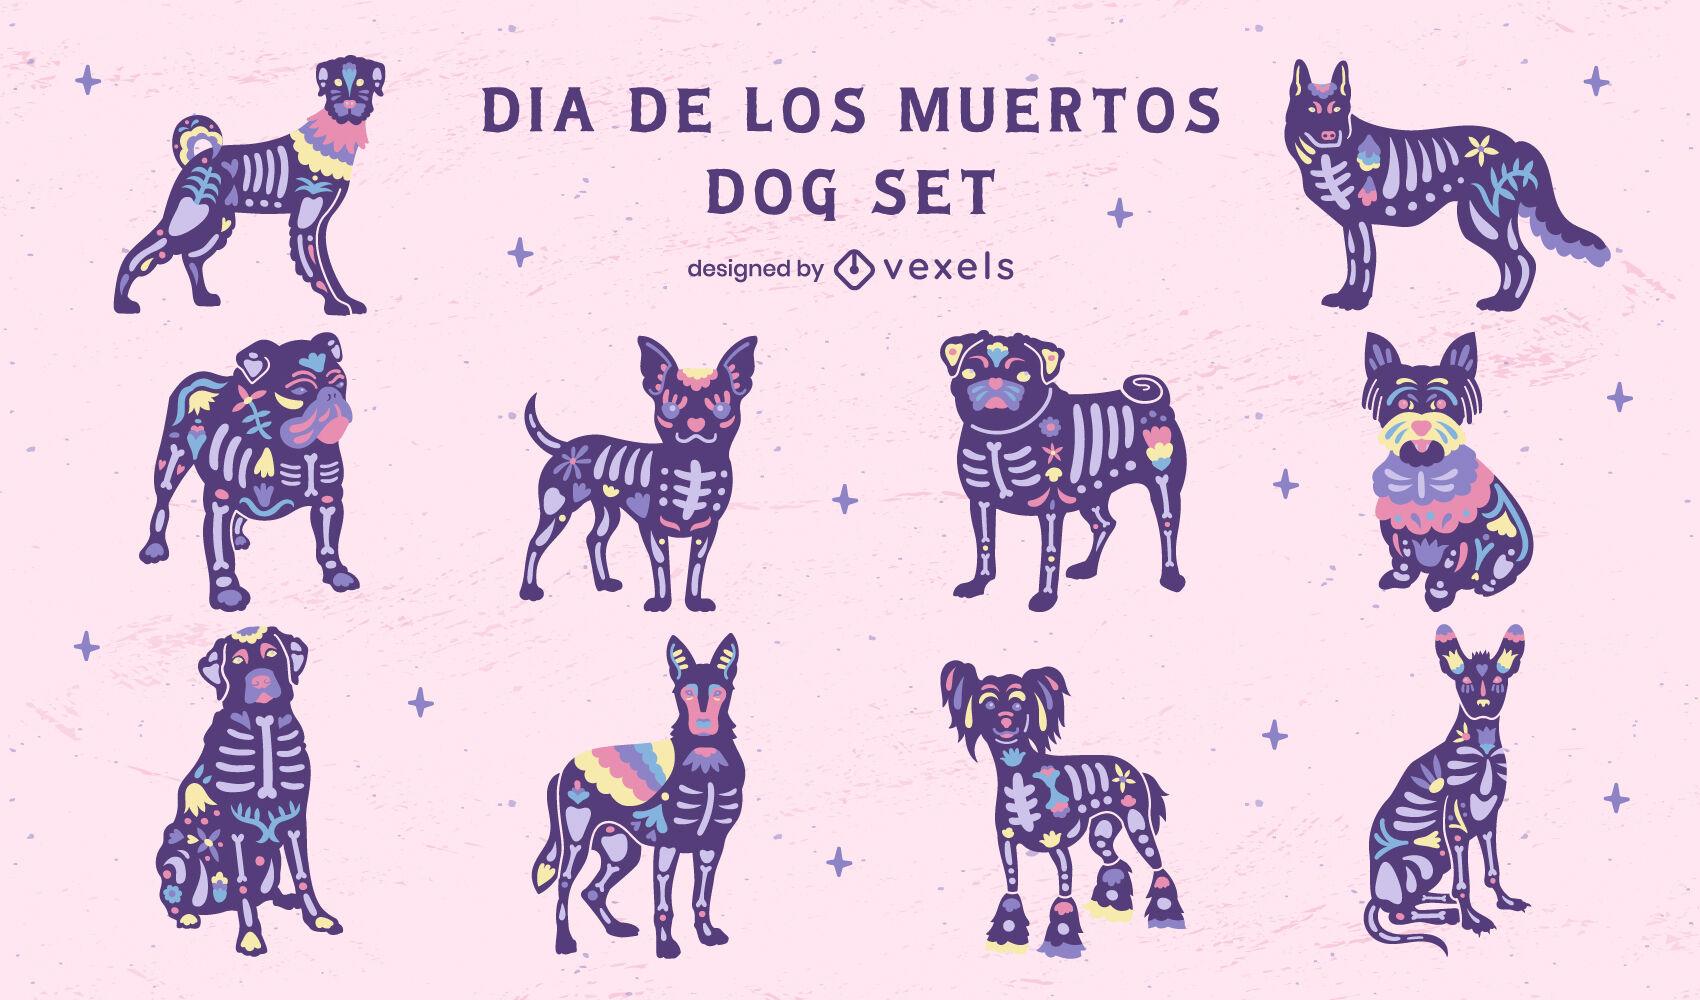 Conjunto de ilustraciones de perros del d?a de los muertos.